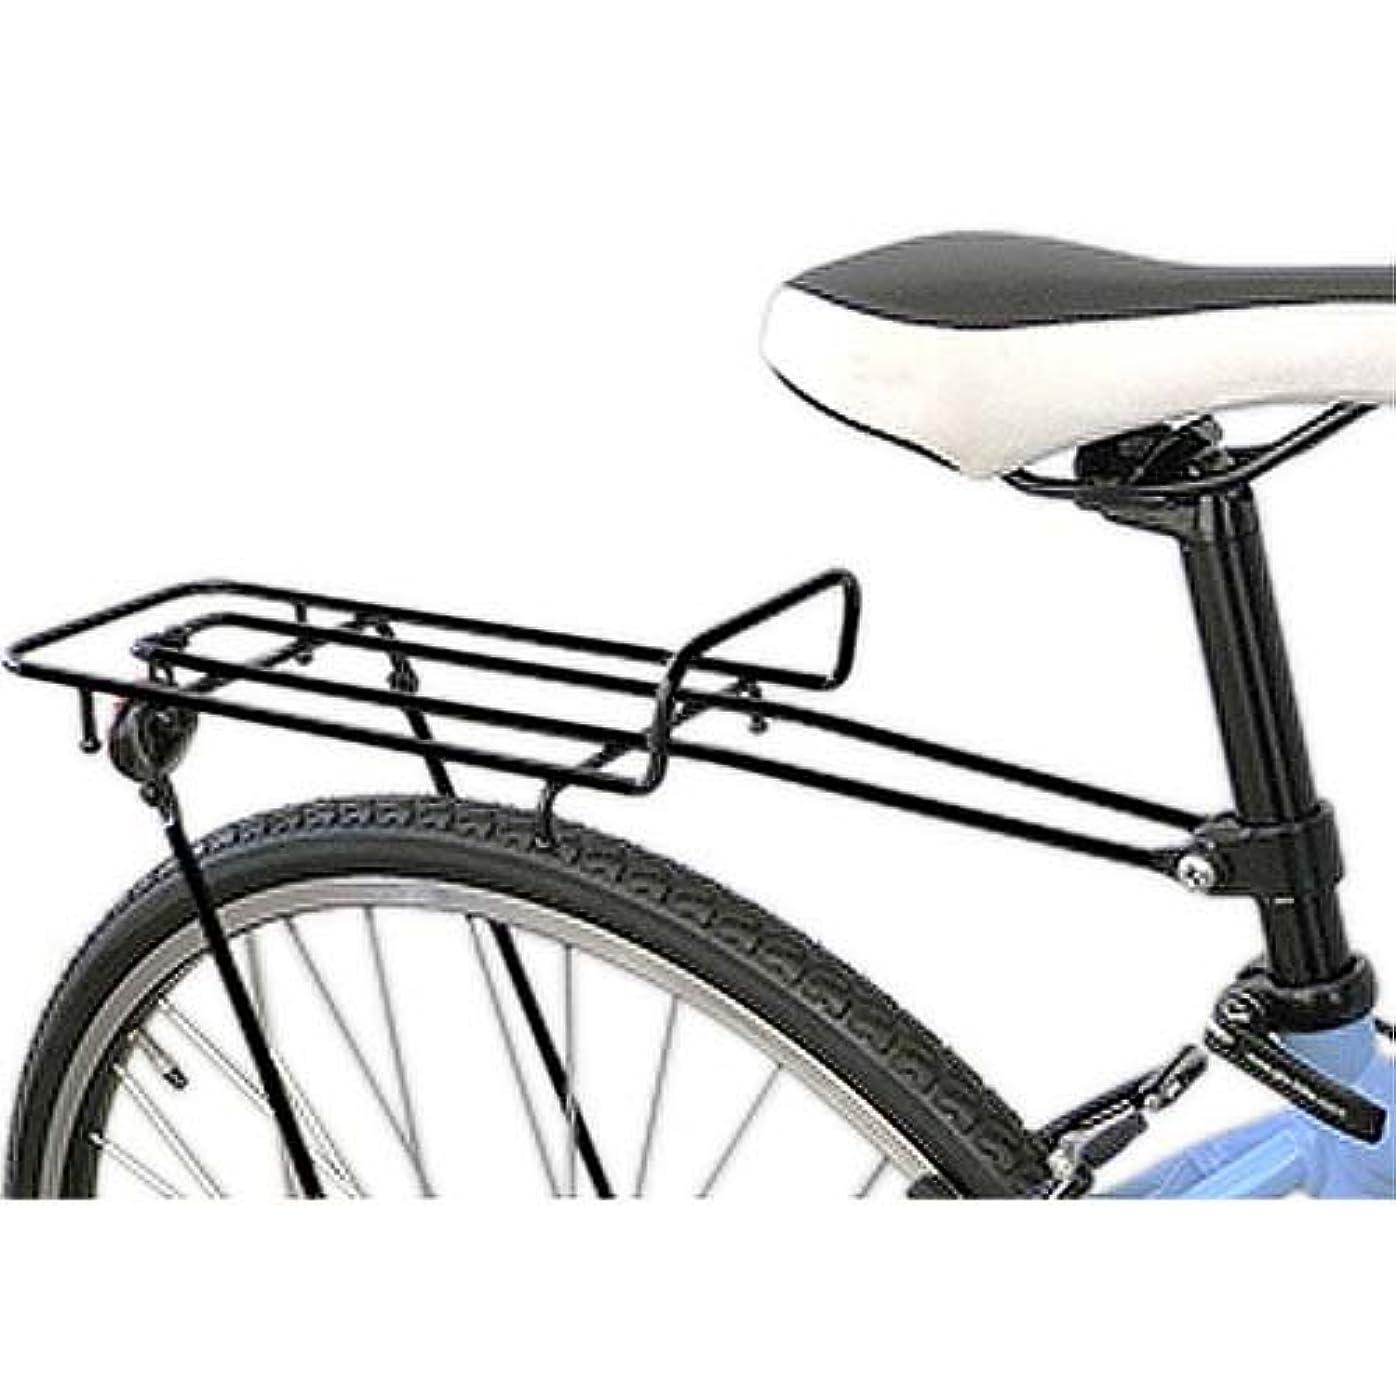 パンダパンチ付き添い人昭和インダストリーズ クロスバイク用リアキャリア RCX-100/700C&29re対応 ブラック